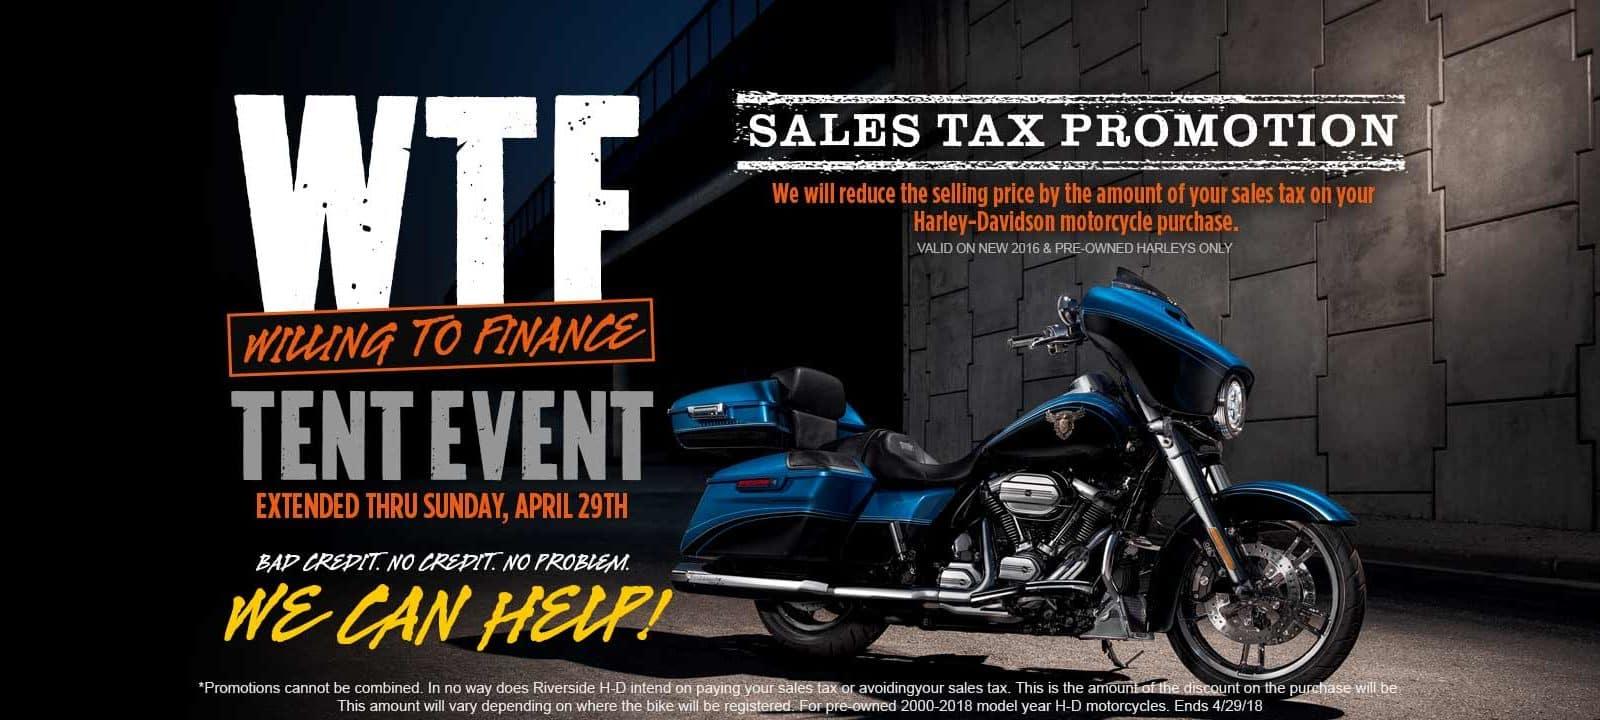 20180423-RSHD-1800x720-WTF-Tent-Event-Sales-Tax